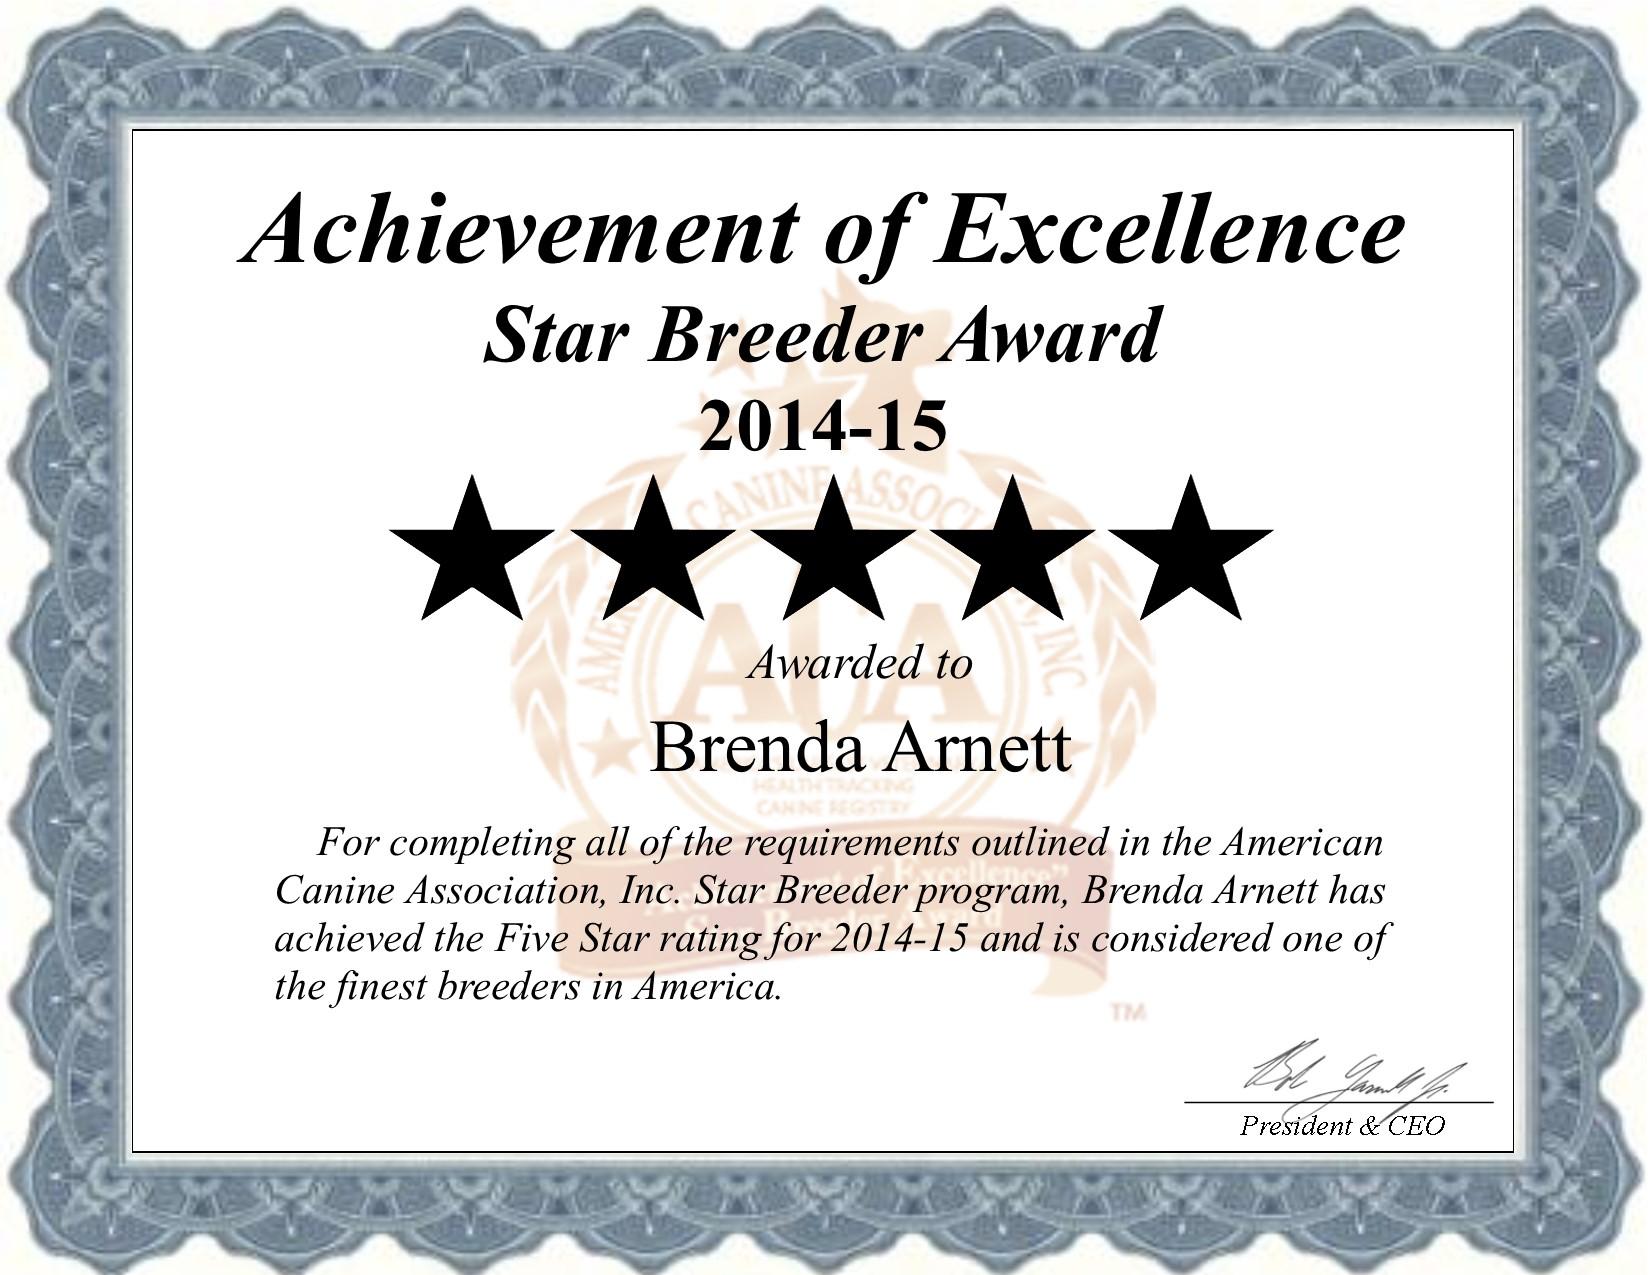 Brenda, Arnett, Brenda Arnett, Arnett Kennel, breeder, star breeder, aca, star breeder, 5 star, Edwards, missouri, mo, dog, puppy, puppies, dog breeder, dog breeders, missouri breeder, Brenda Arnett dog breeder